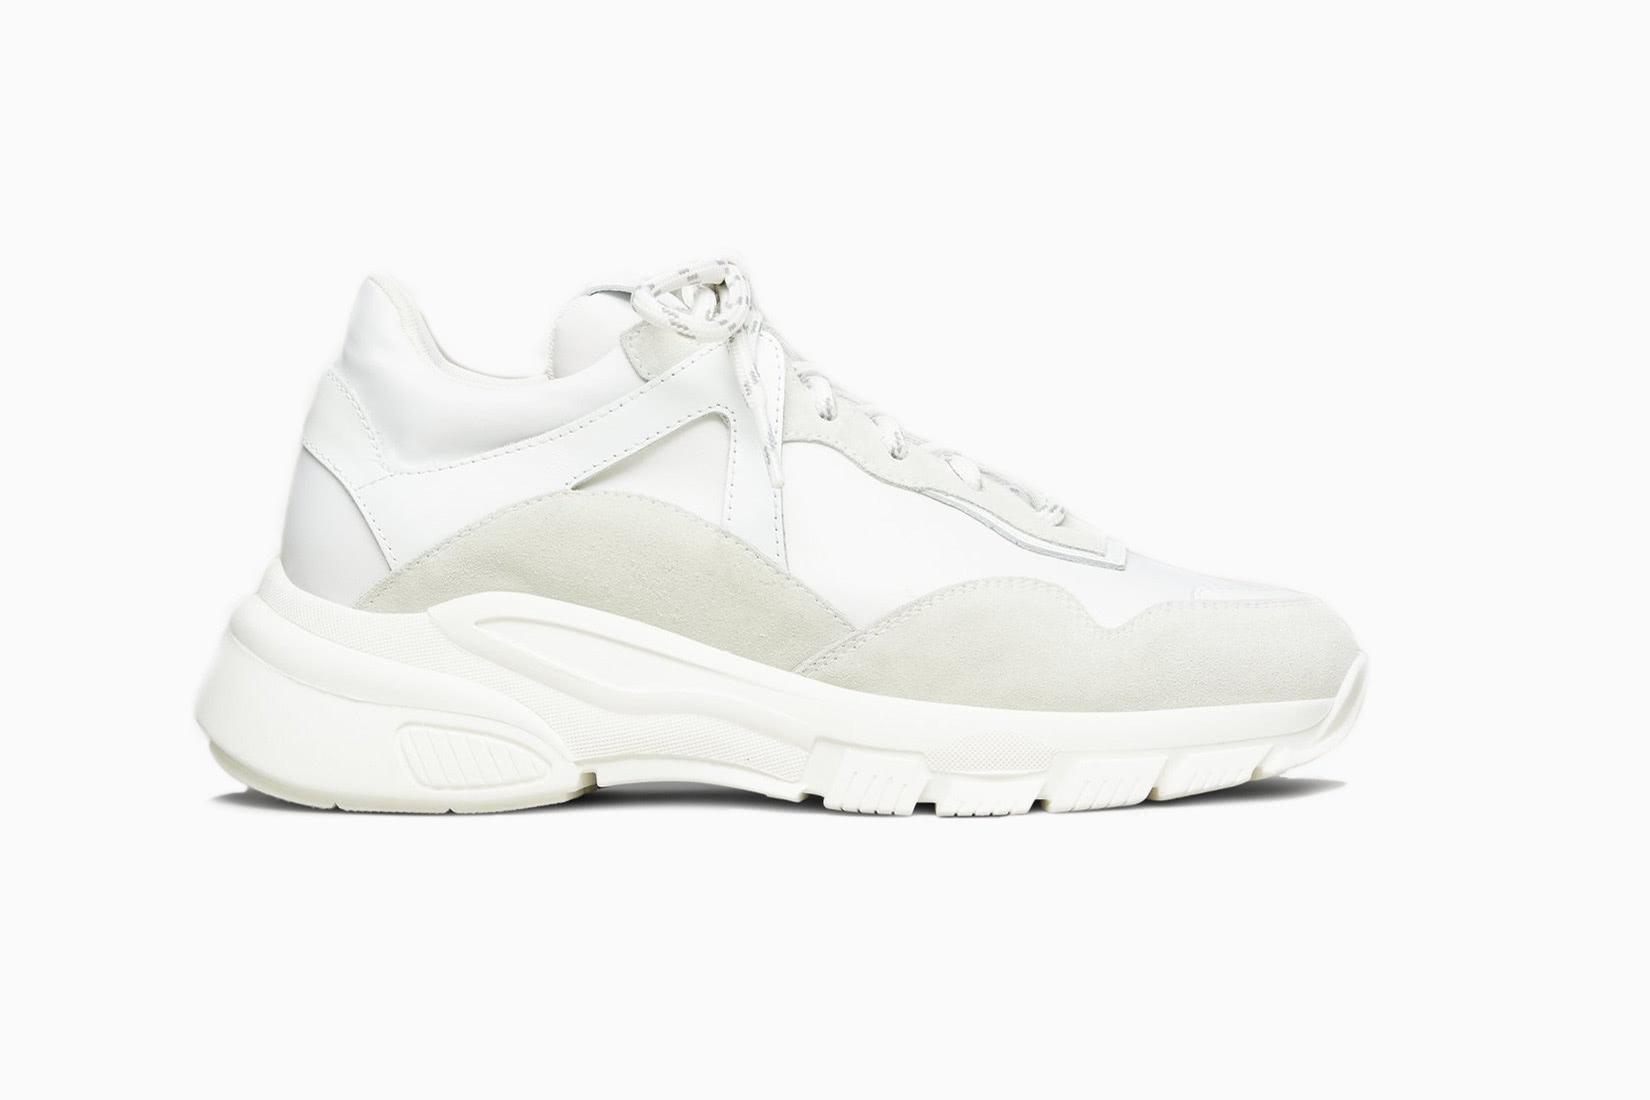 best women walking shoes M. Gemi bruna sneakers - Luxe Digital